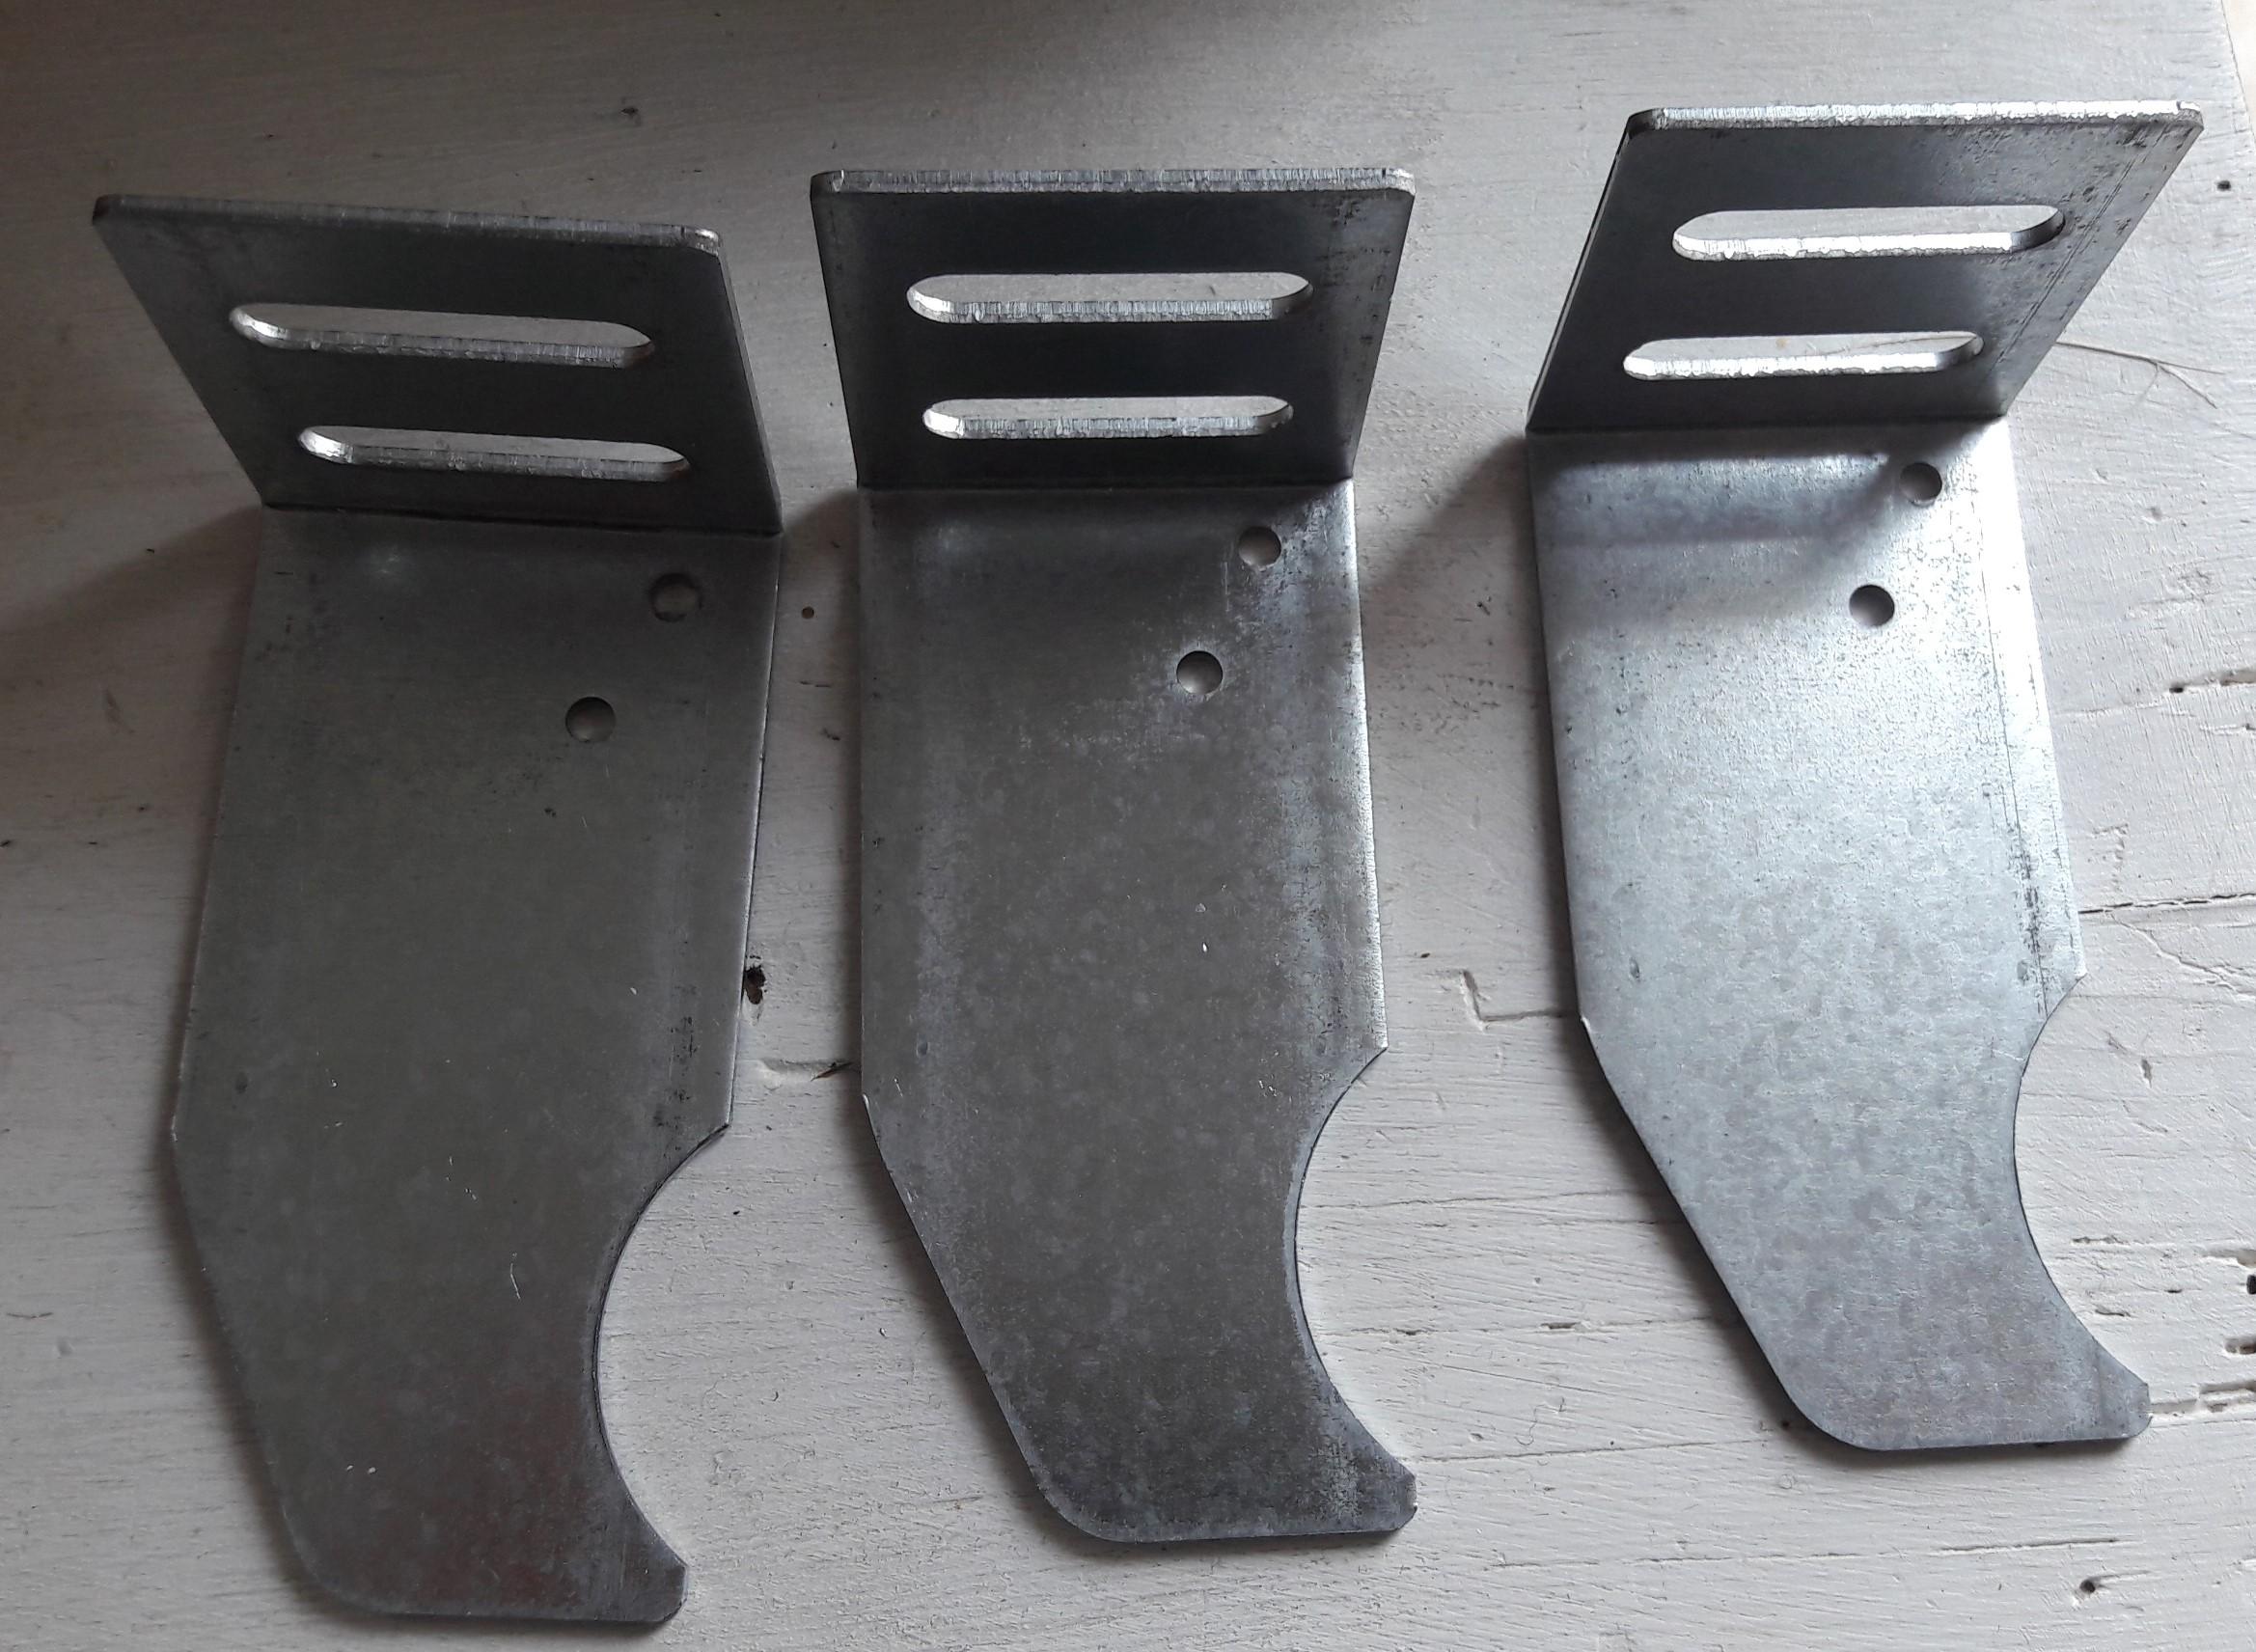 Les 3 supports pour fixer le radiateur